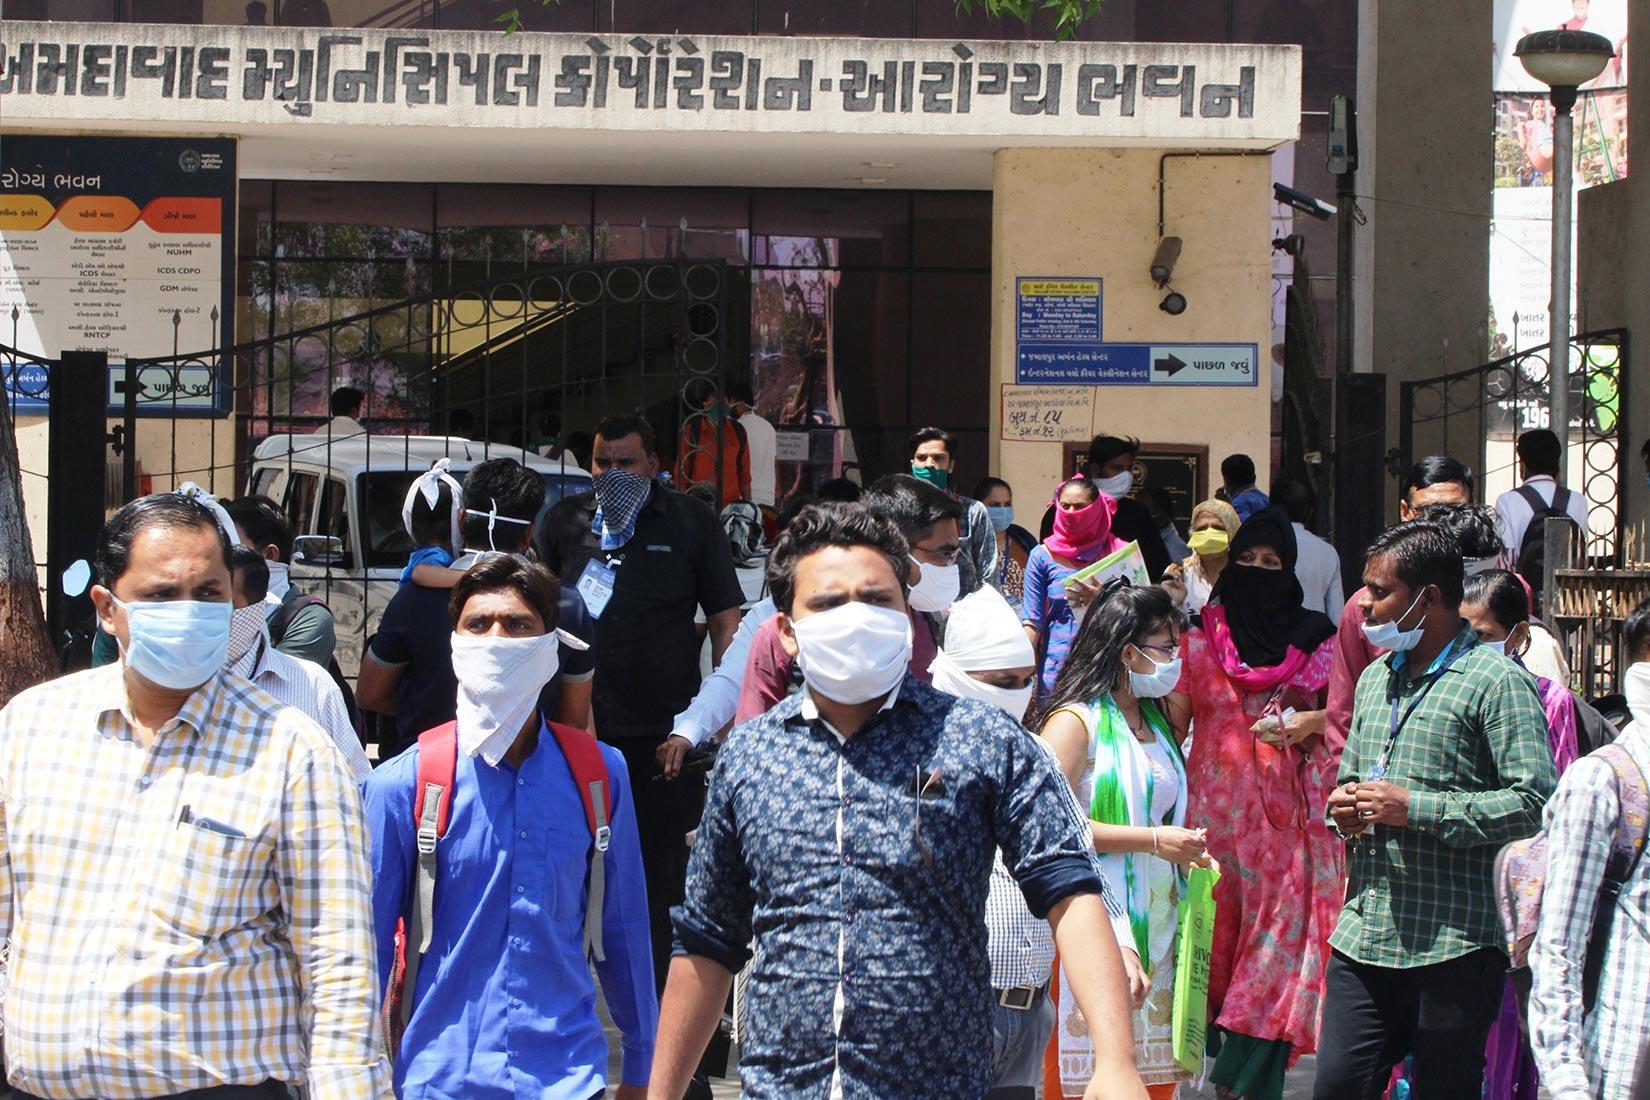 インドのコロナ危機と問われるクアッドの意義